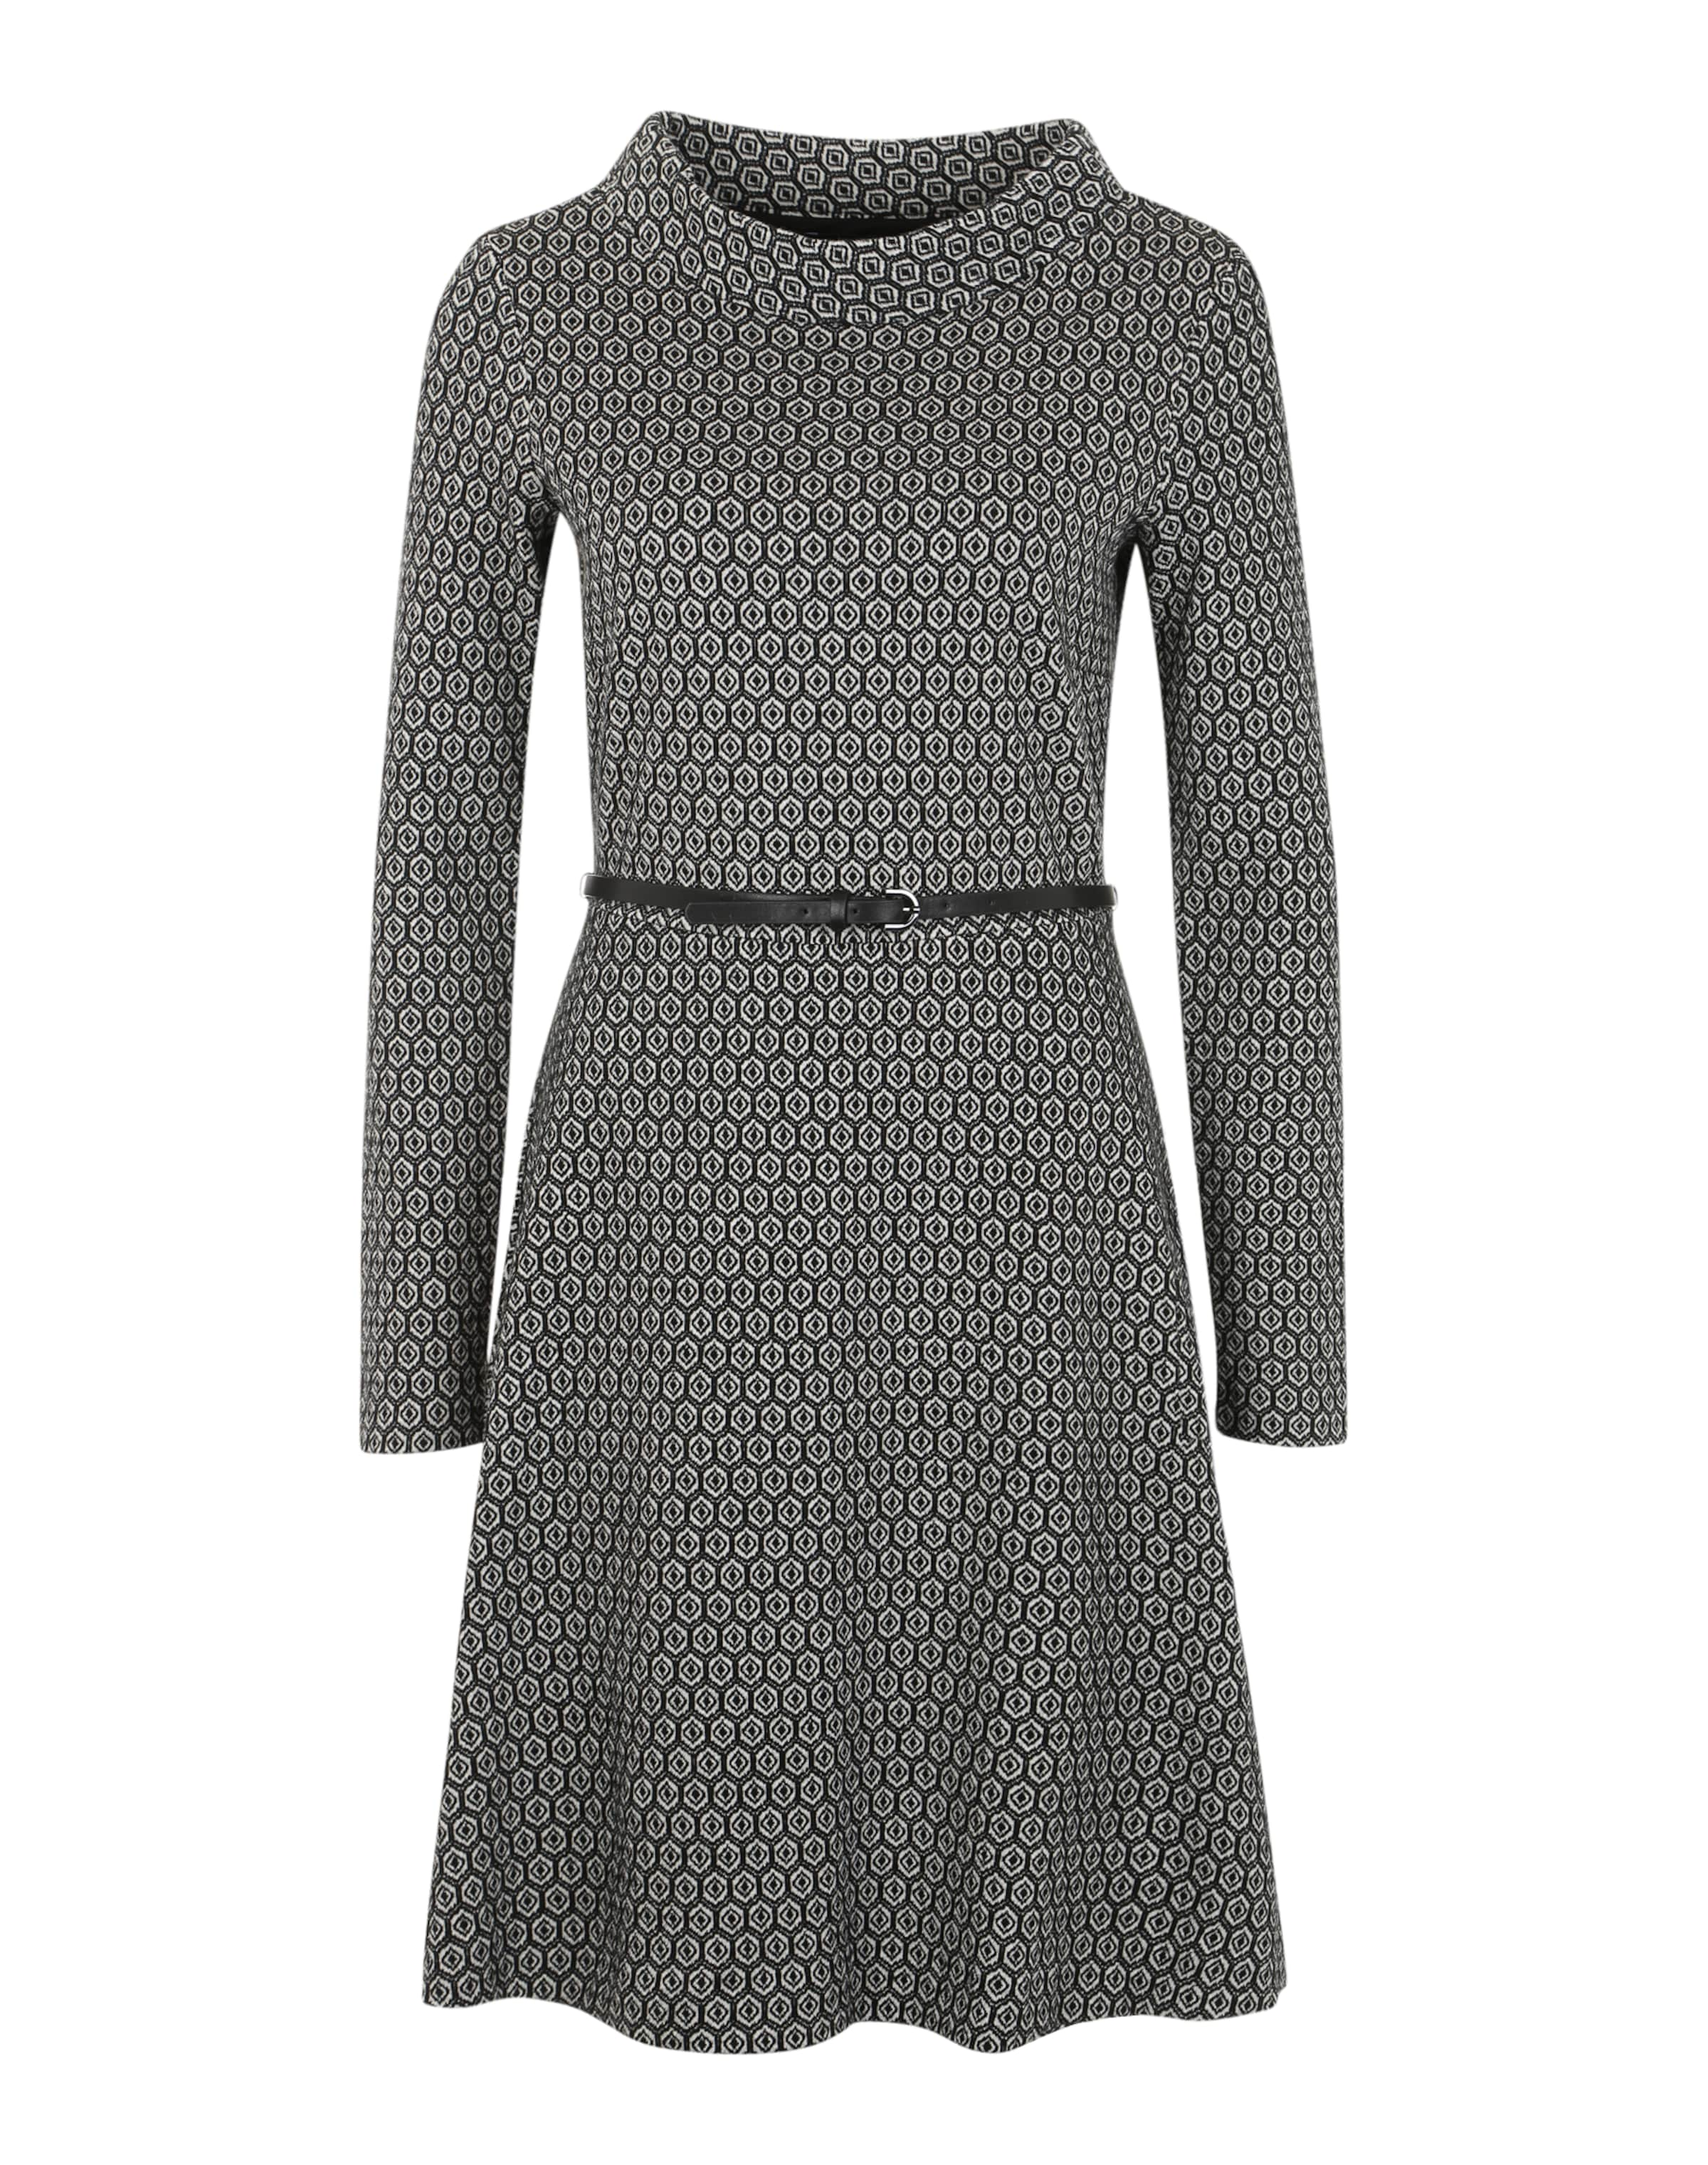 COMMA Gemustertes Kleid Verkauf Sast Rabatt Erwerben Manchester Große Online-Verkauf iCg3SBwD